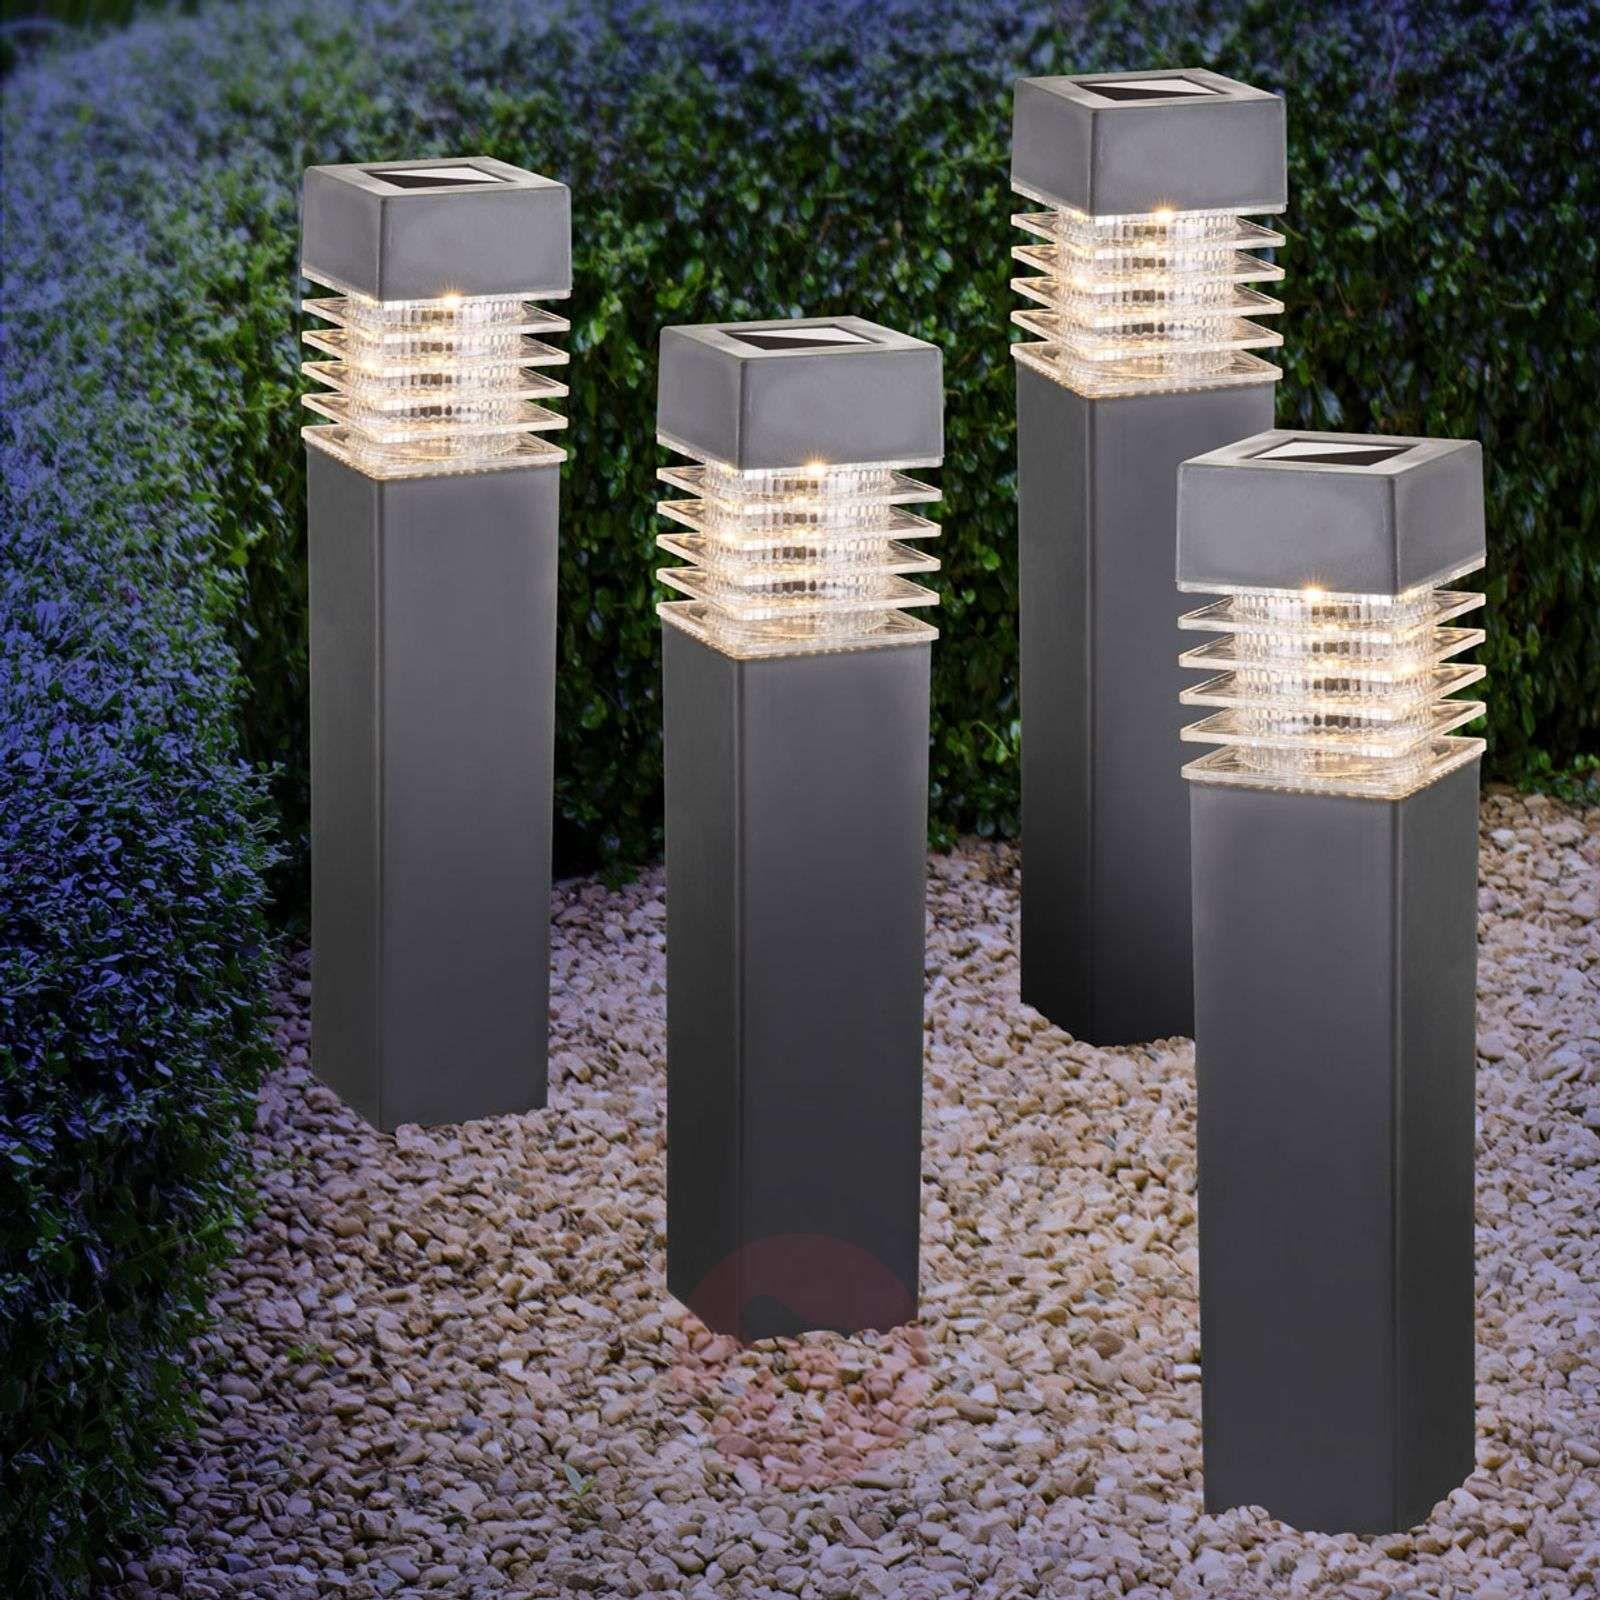 lampy solarne do ogrodu | lampa solarna najazdowa | wysokie